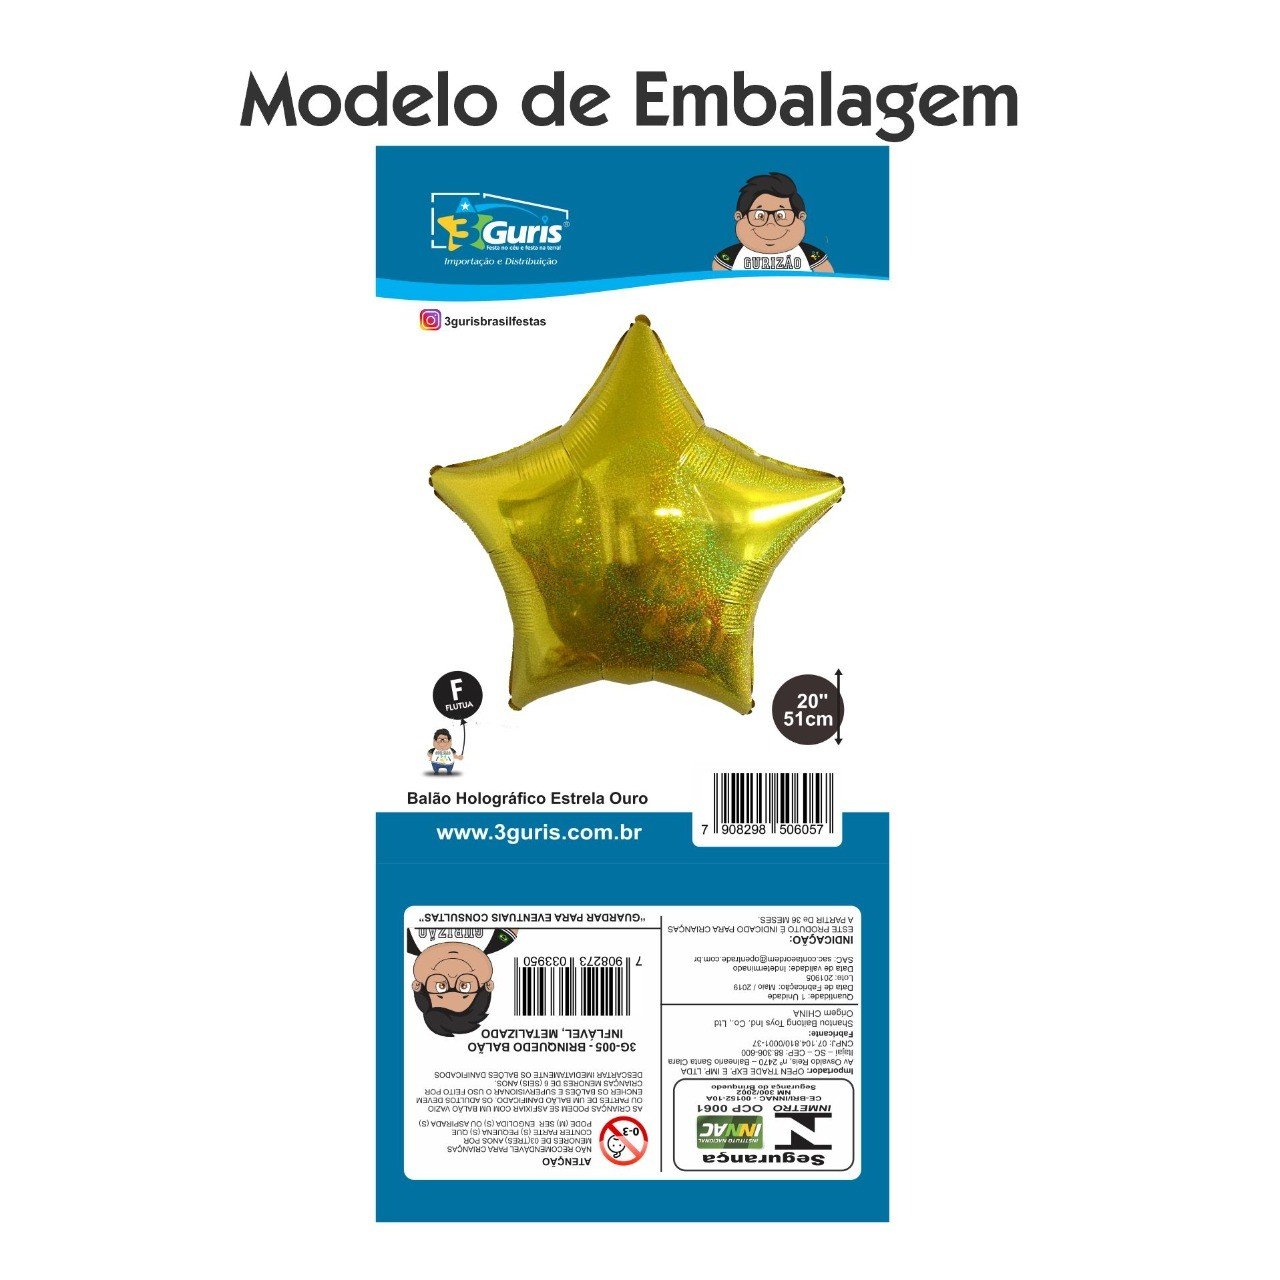 BALÃO HOLOGRÁFICO ESTRELA OURO